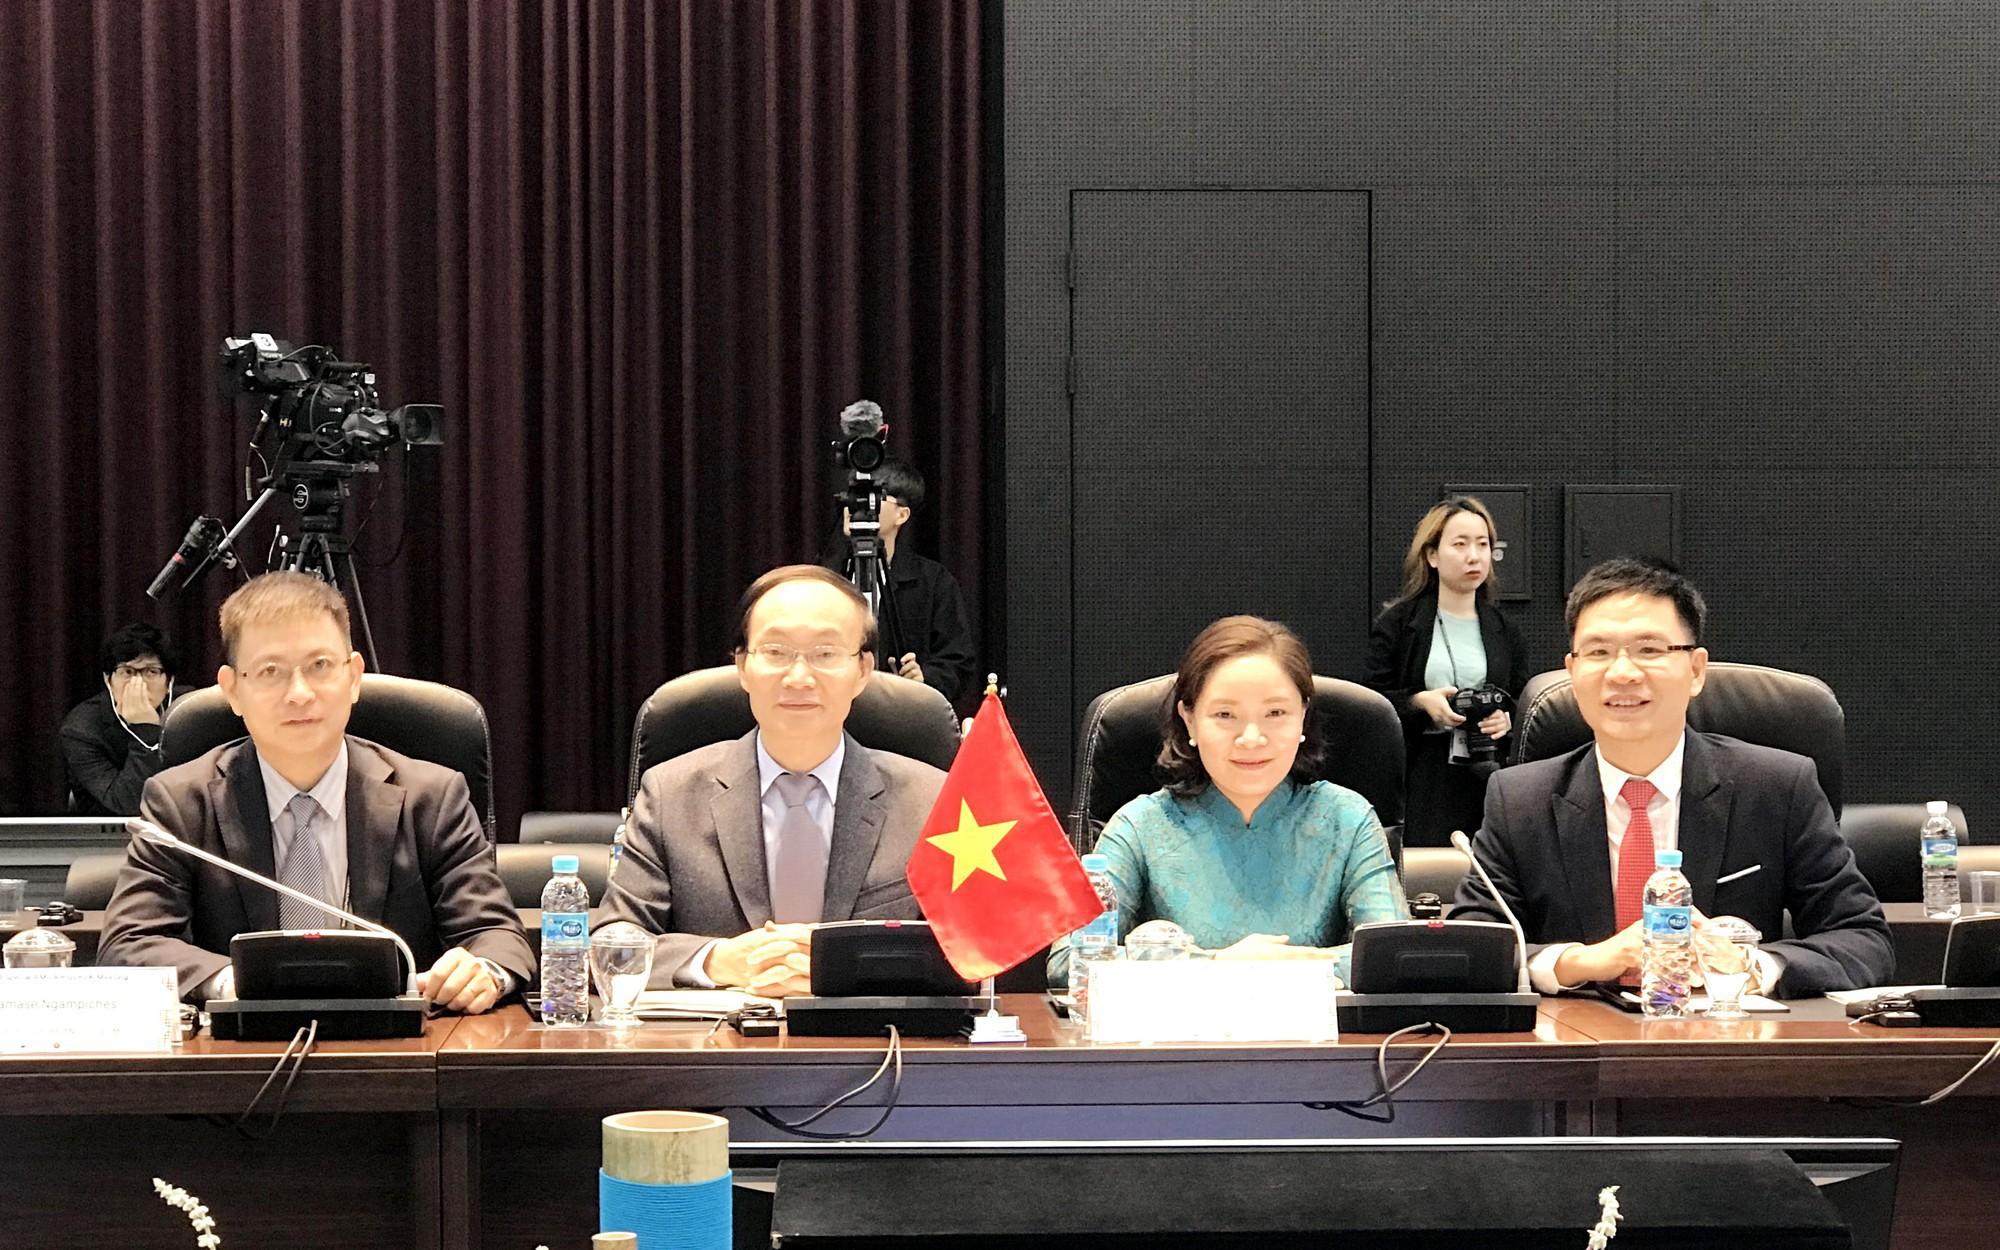 Hội nghị đặc biệt Bộ trưởng phụ trách Văn hoá ASEAN-Hàn Quốc tại Gwangju